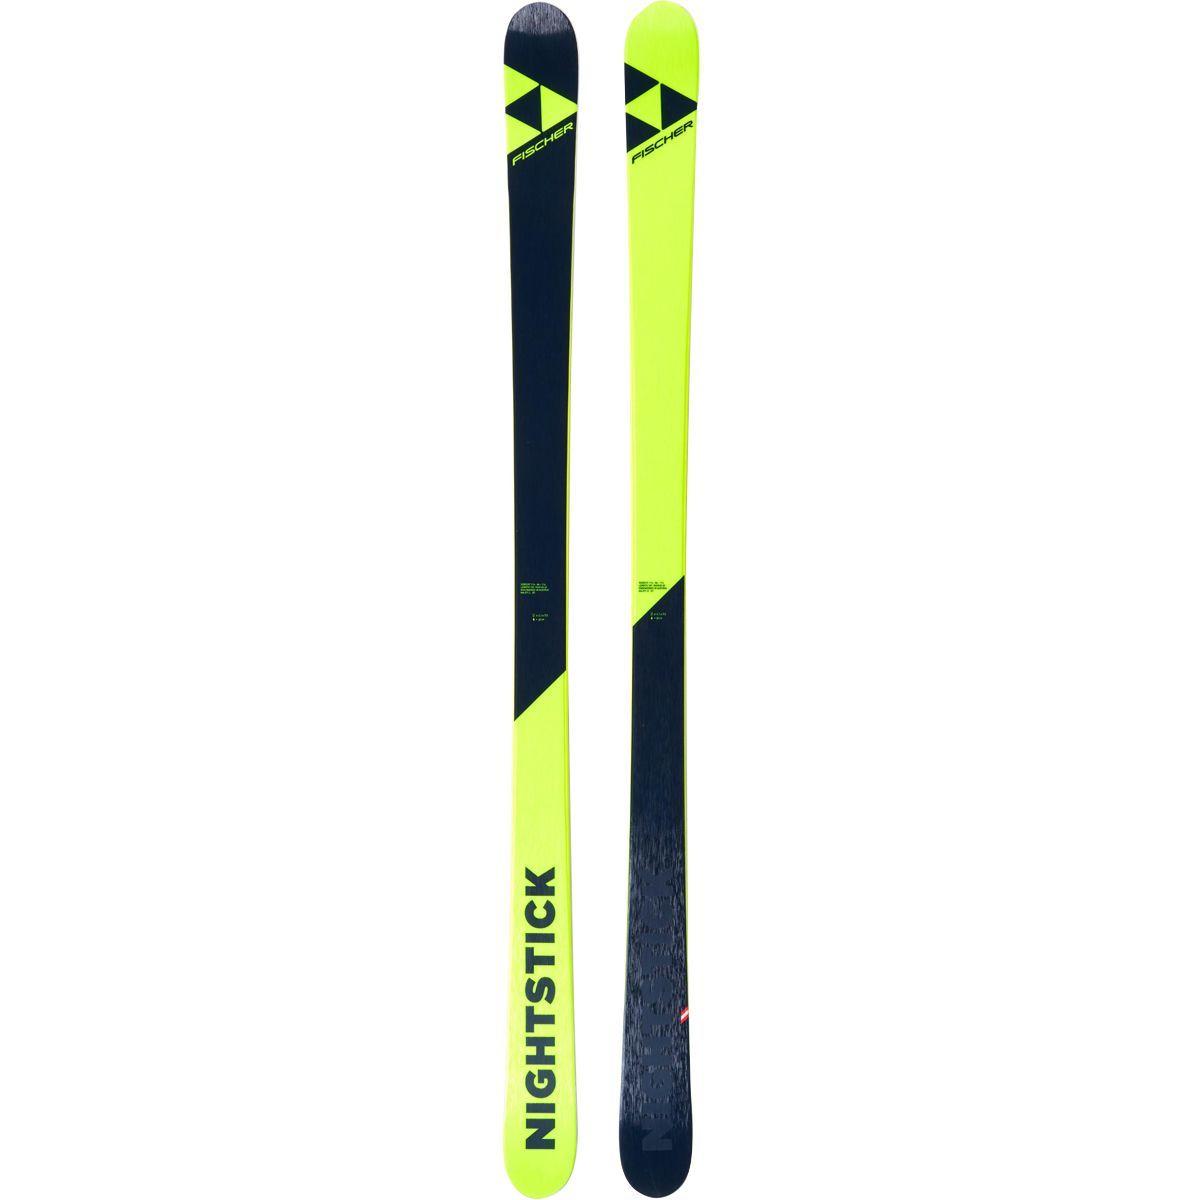 Fischer Nightstick Ski Skiing Alpine Skiing Ski Touring